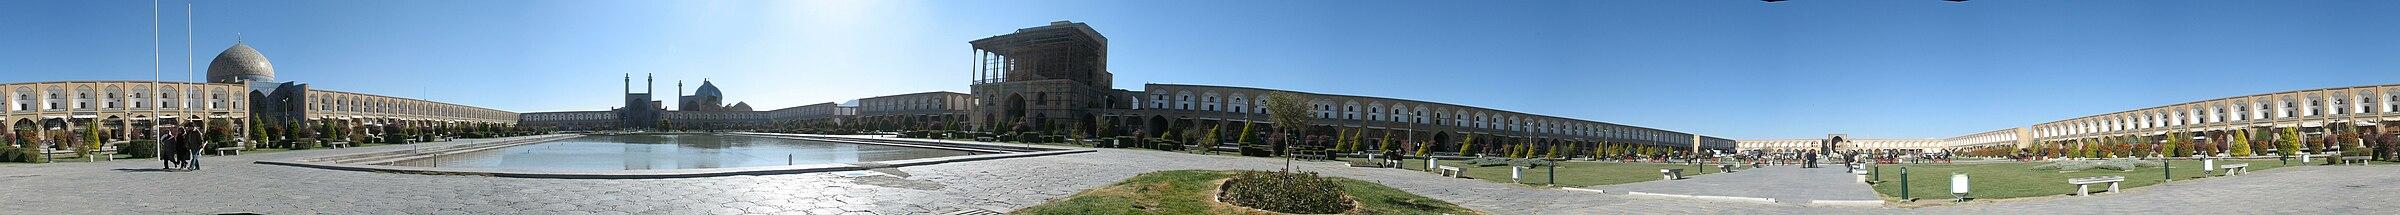 תצלום פנורמי של מיידאן-אה אמאם באספהאן המהווה דוגמה מרהיבה לאדריכלות פרסית (לצפייה הזיזו עם העכבר את סרגל הגלילה בתחתית התמונה)